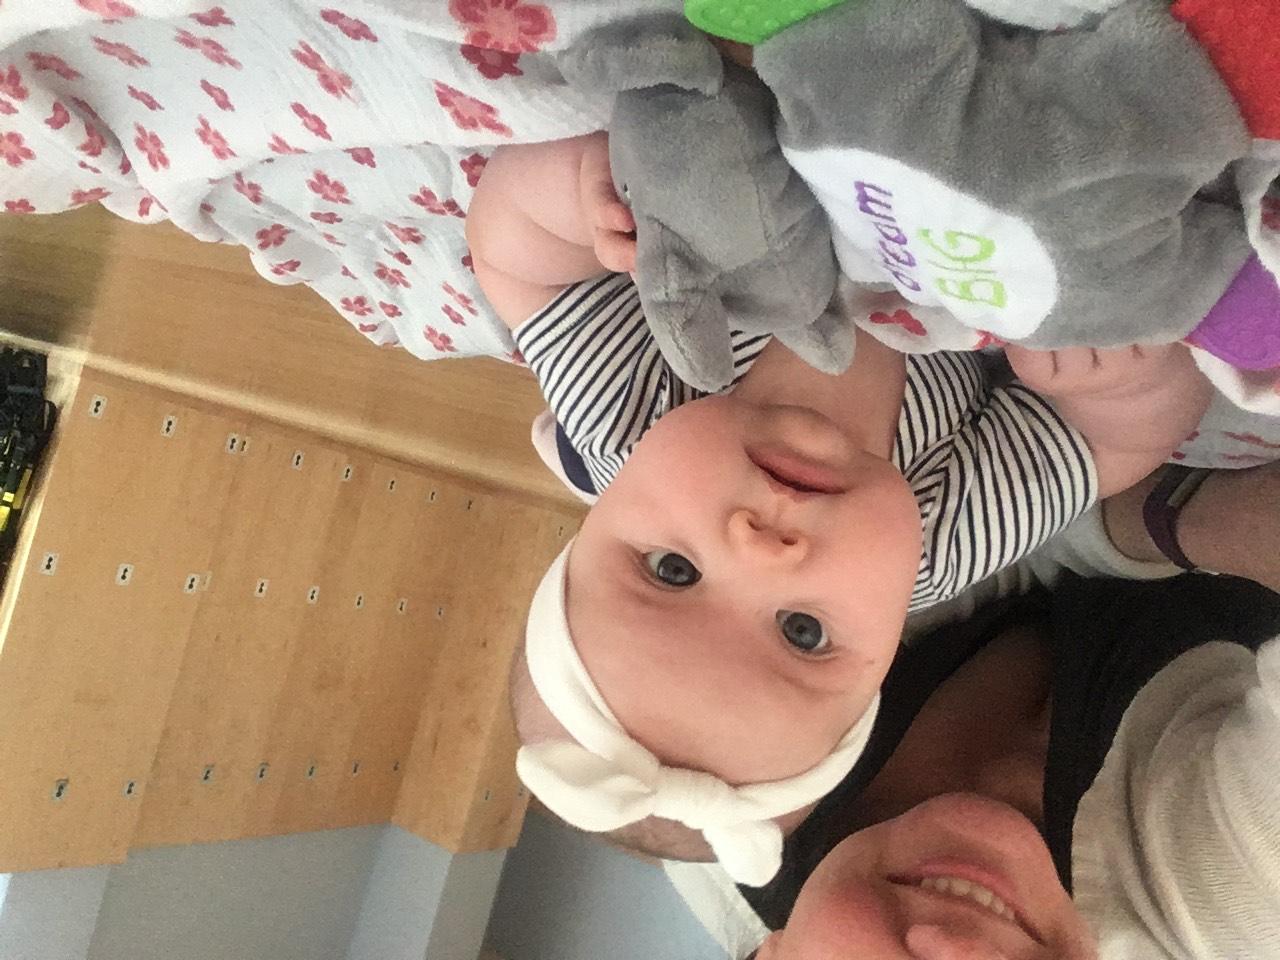 Baby Arora